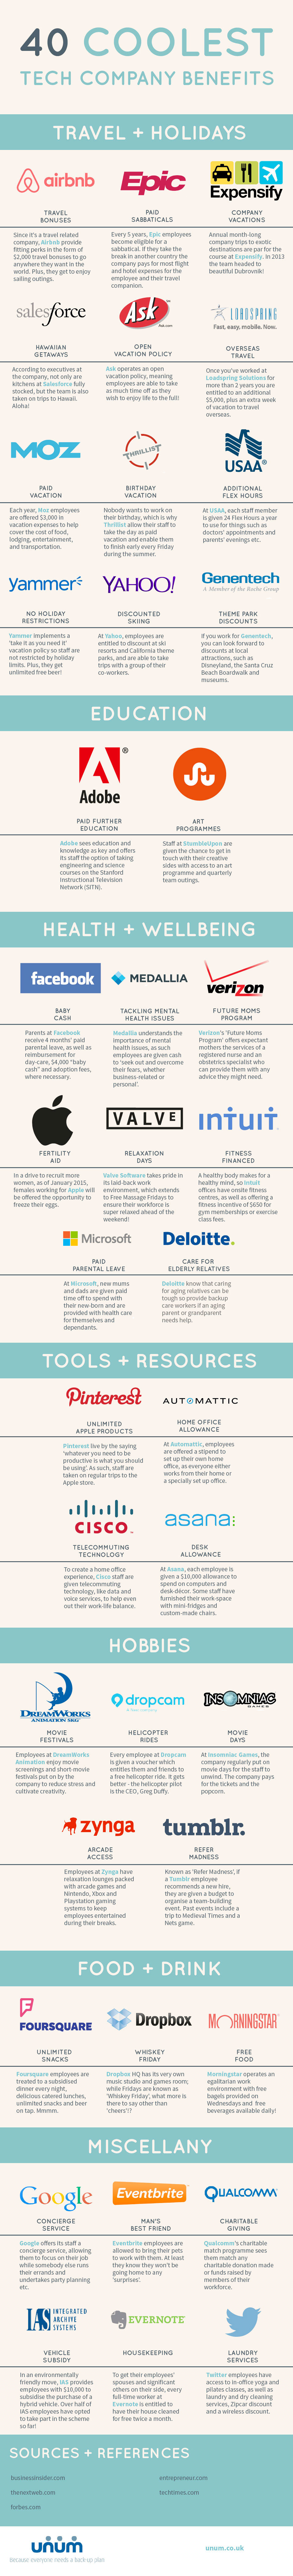 Los mejores 40 beneficios que las empresas tecnológicas ofrecen a sus empleados